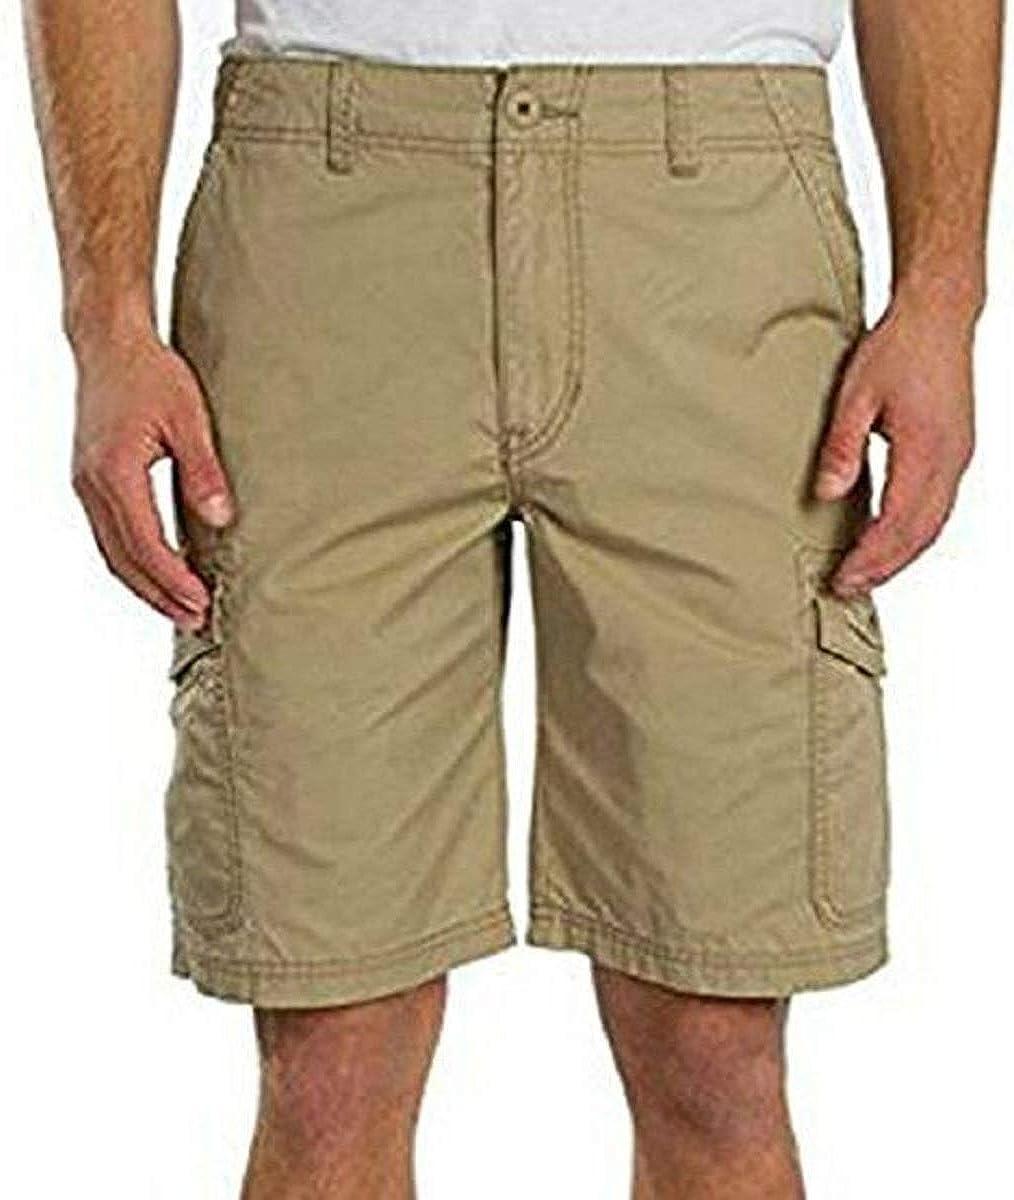 Union Bay Men's Light Weight Medford Cargo Shorts, Grain, Variety